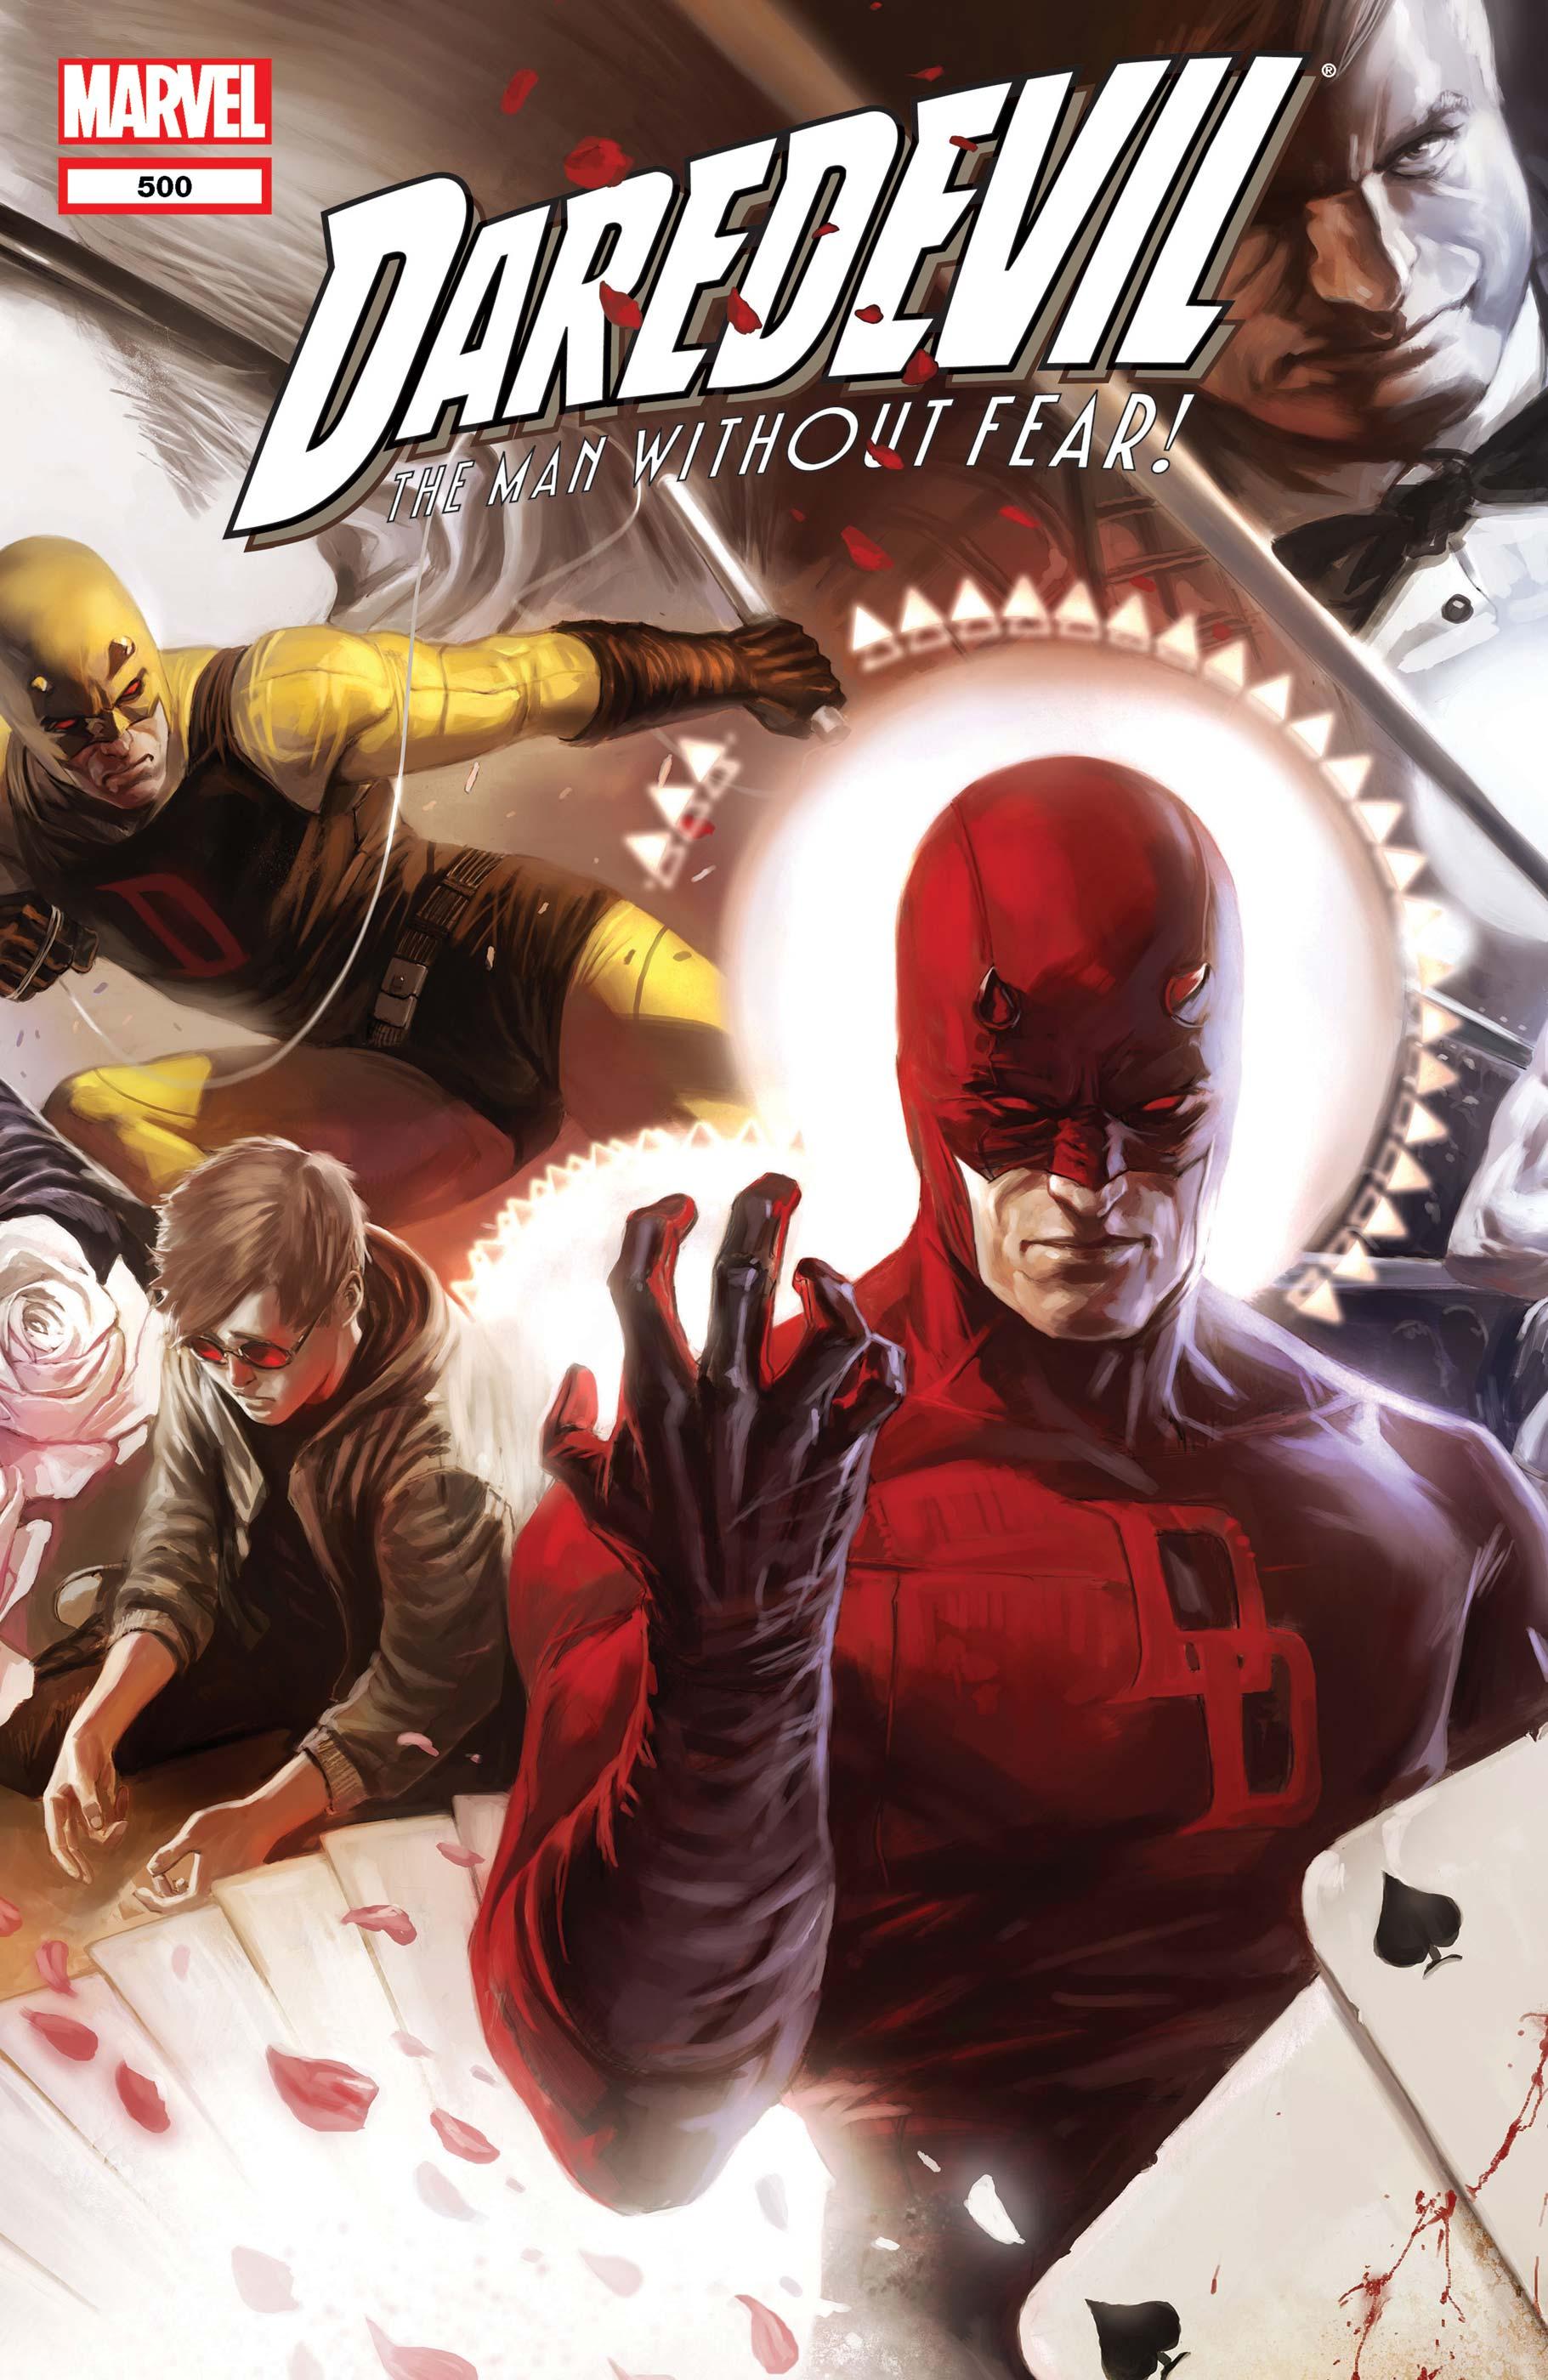 Daredevil (1998) #500